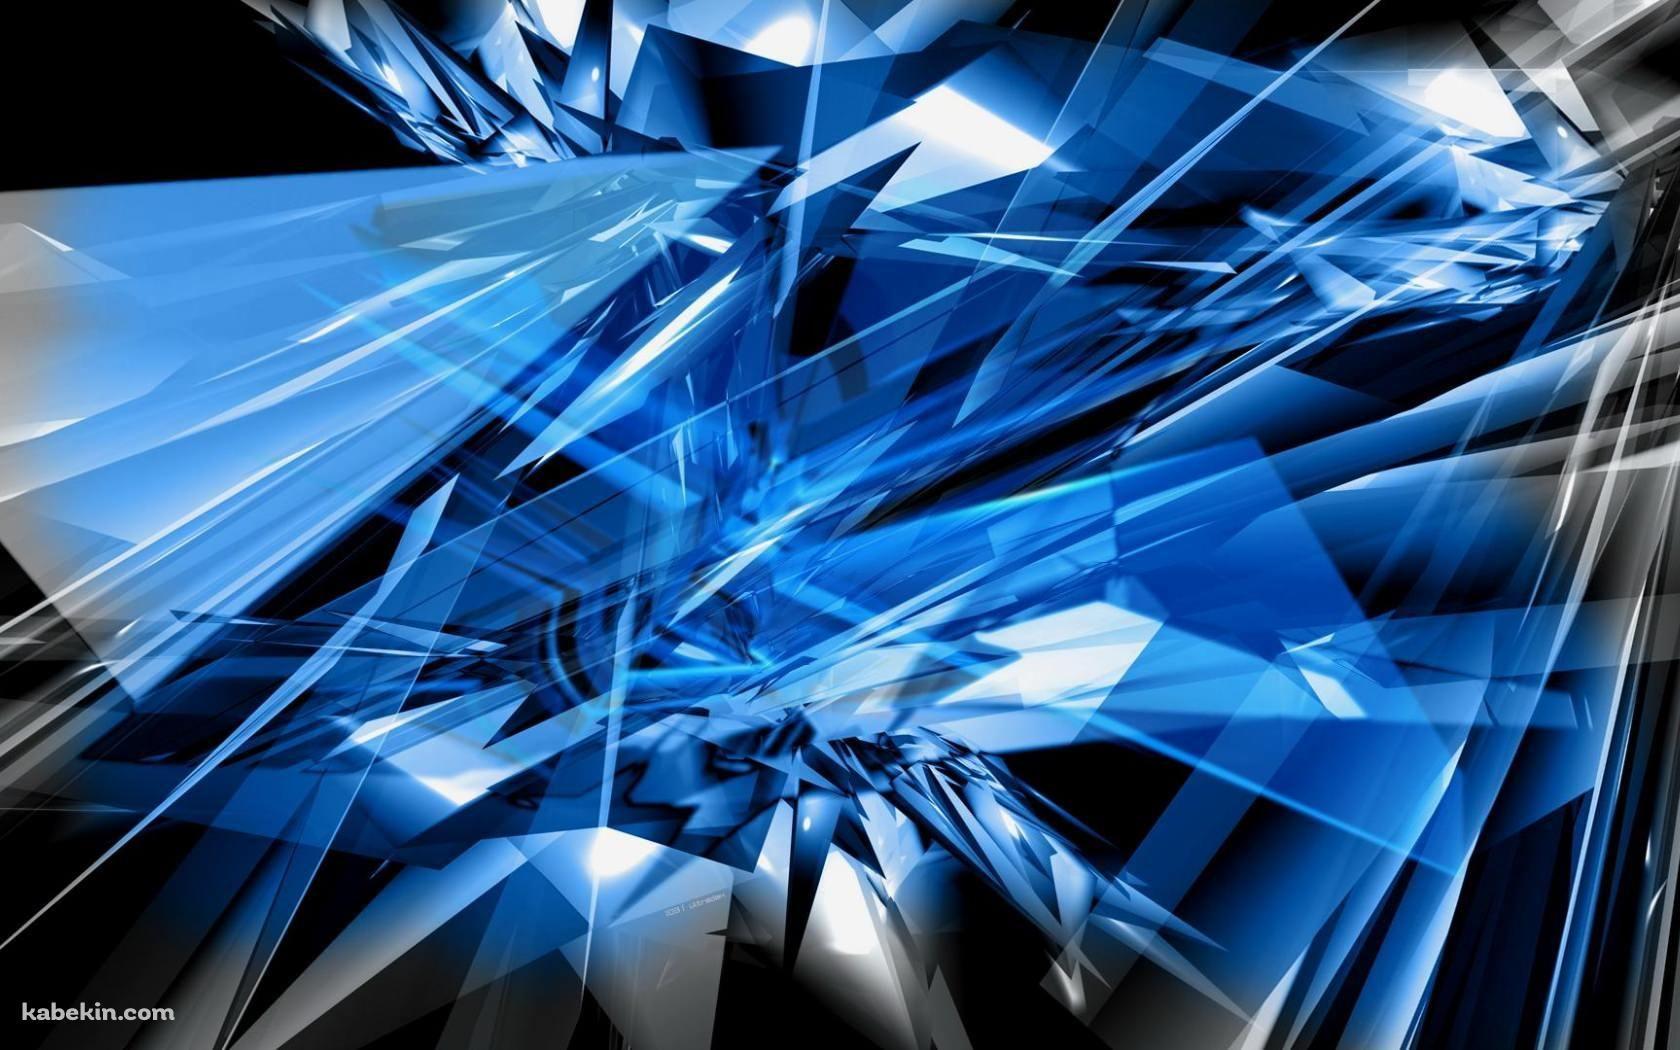 黒と青のアブストラクトの壁紙 アブストラクト 青いガラス 青い壁紙